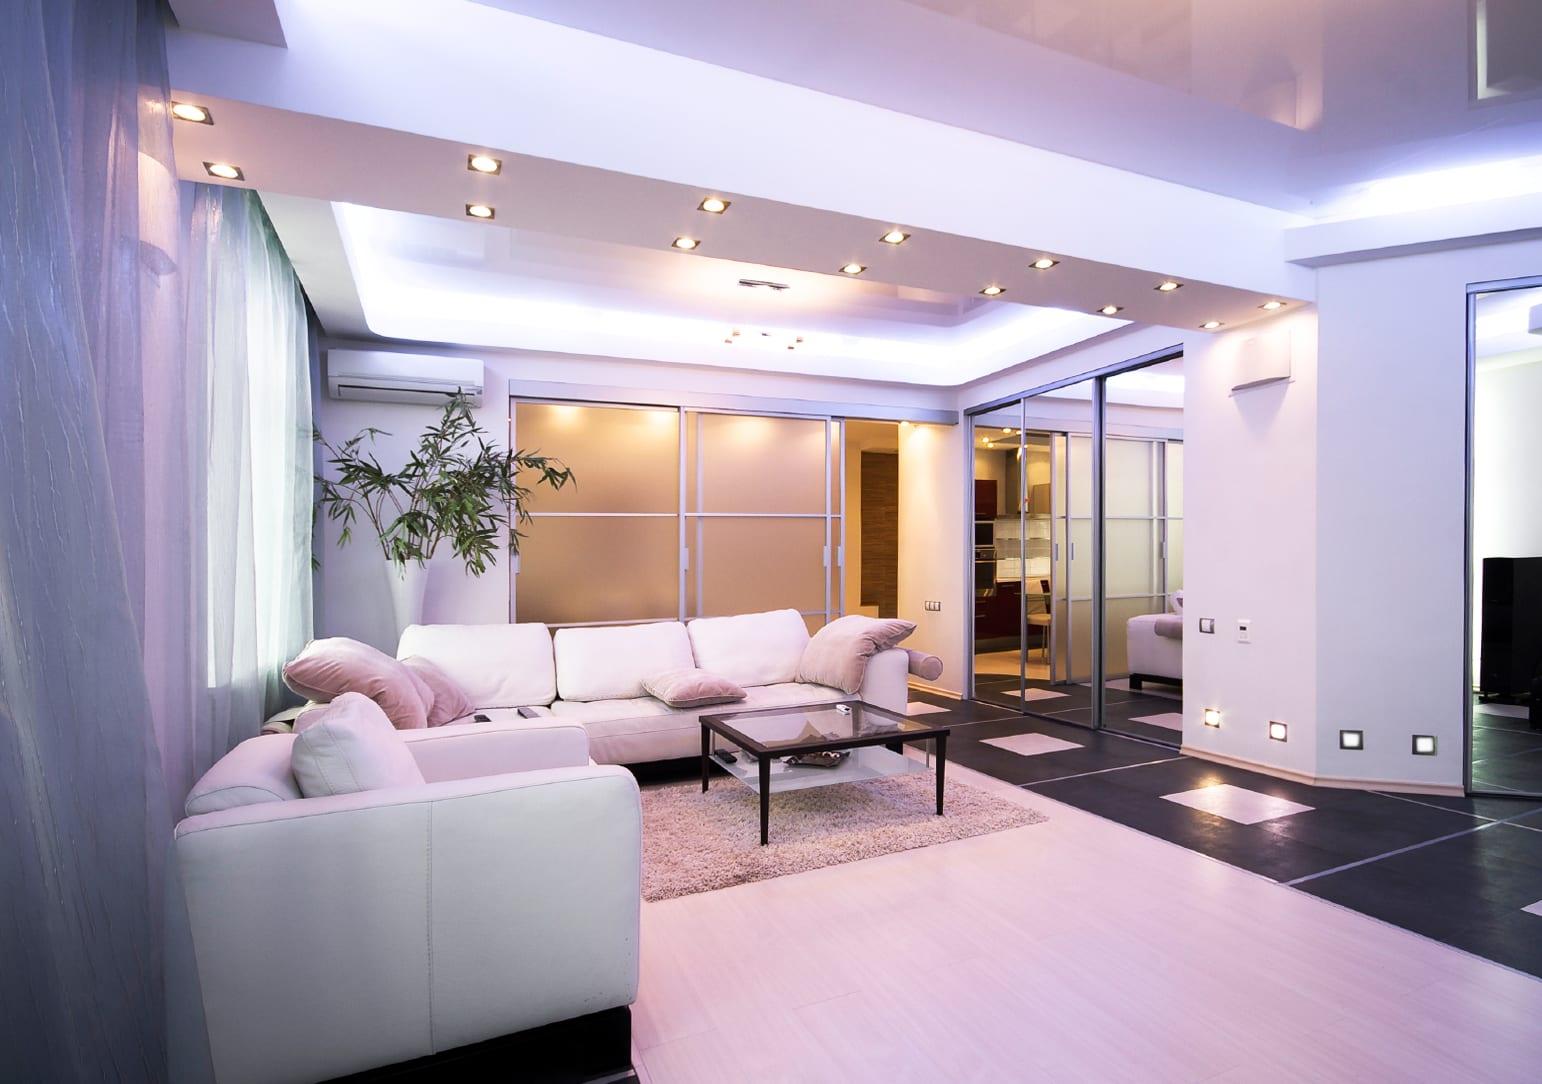 wohnzimmer design weiß mit lederecksofa und couchtisch schwarz_licht idee für beleuchtung wohnzimmer mit wand- und deckenleuchten